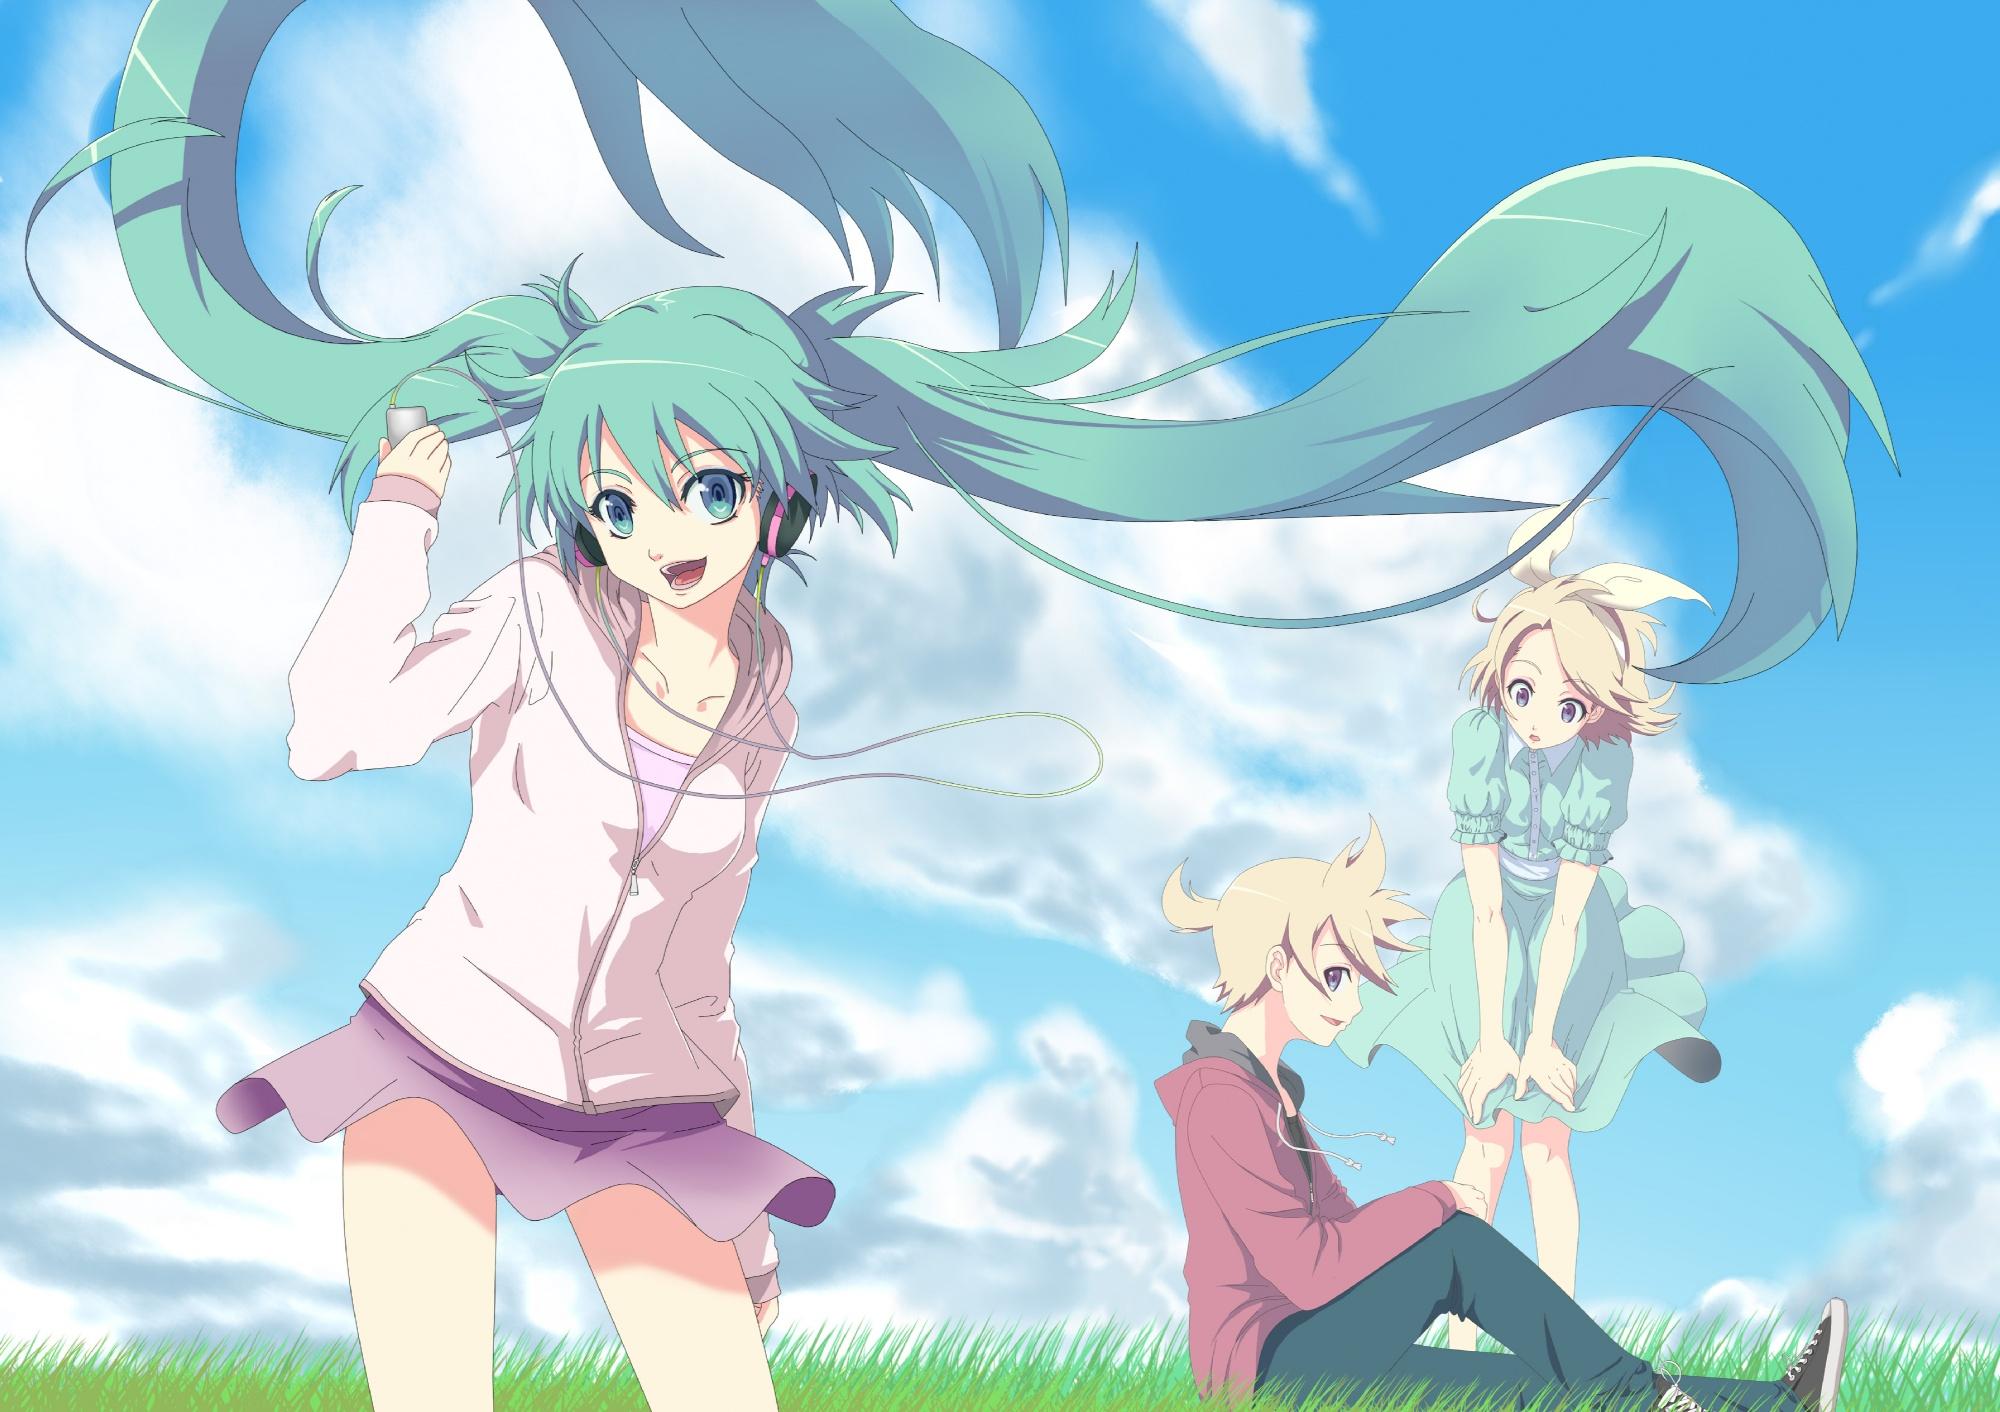 aqua_eyes aqua_hair blonde_hair clouds grass green_hair hatsune_miku headphones hoodie kagamine_len kagamine_rin long_hair male short_hair sky twintails vocaloid yooguru